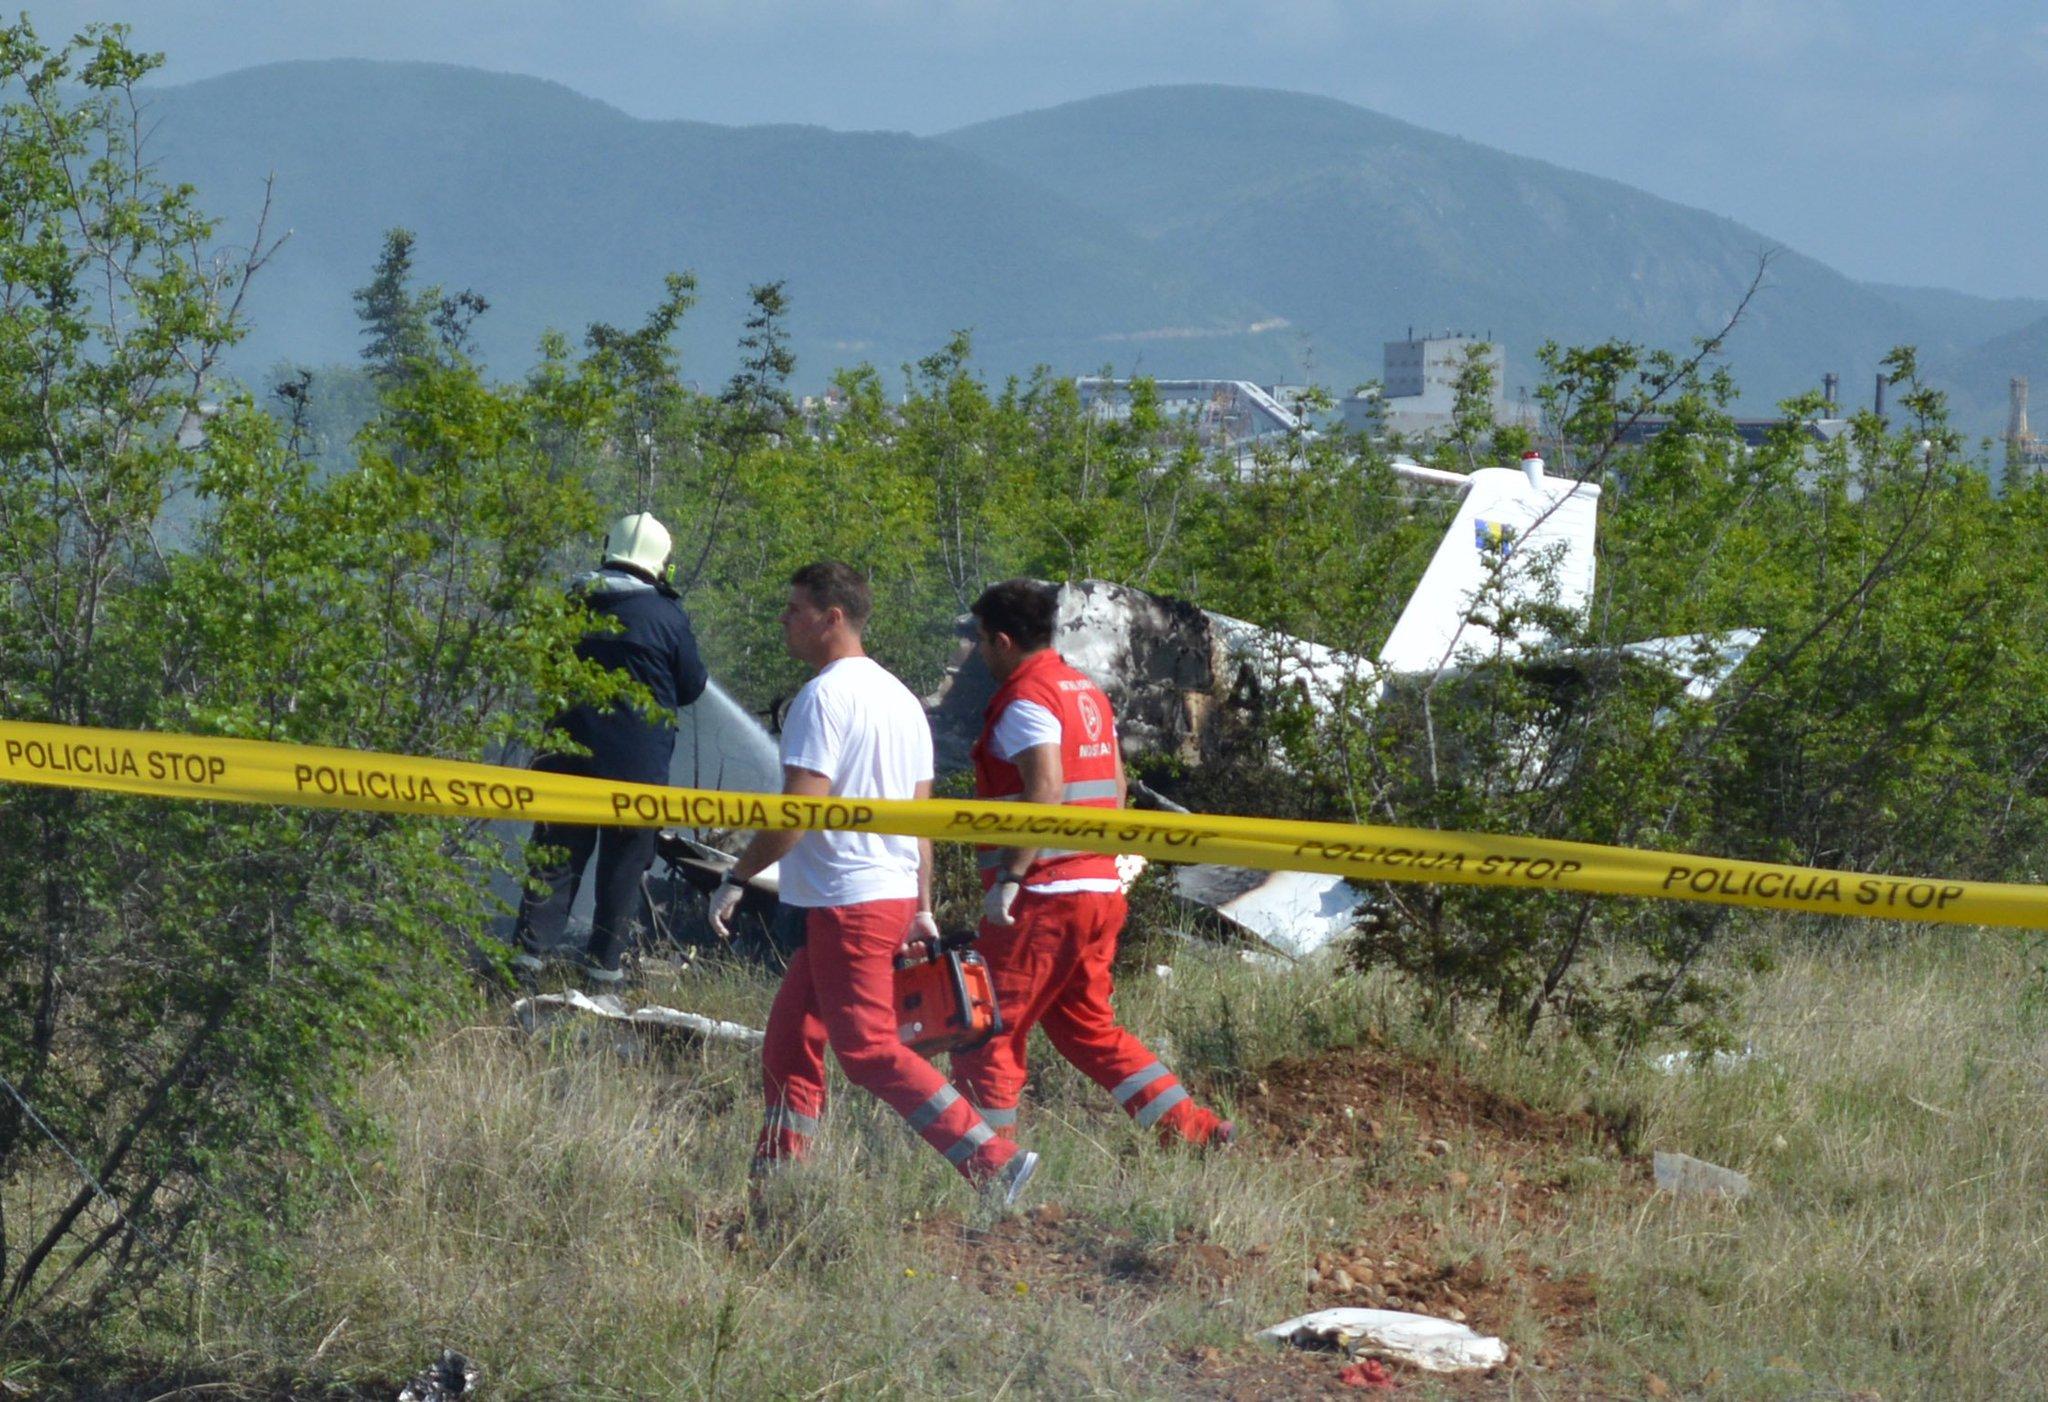 ВБоснии иГерцеговине упал самолет: есть погибшие изних трое